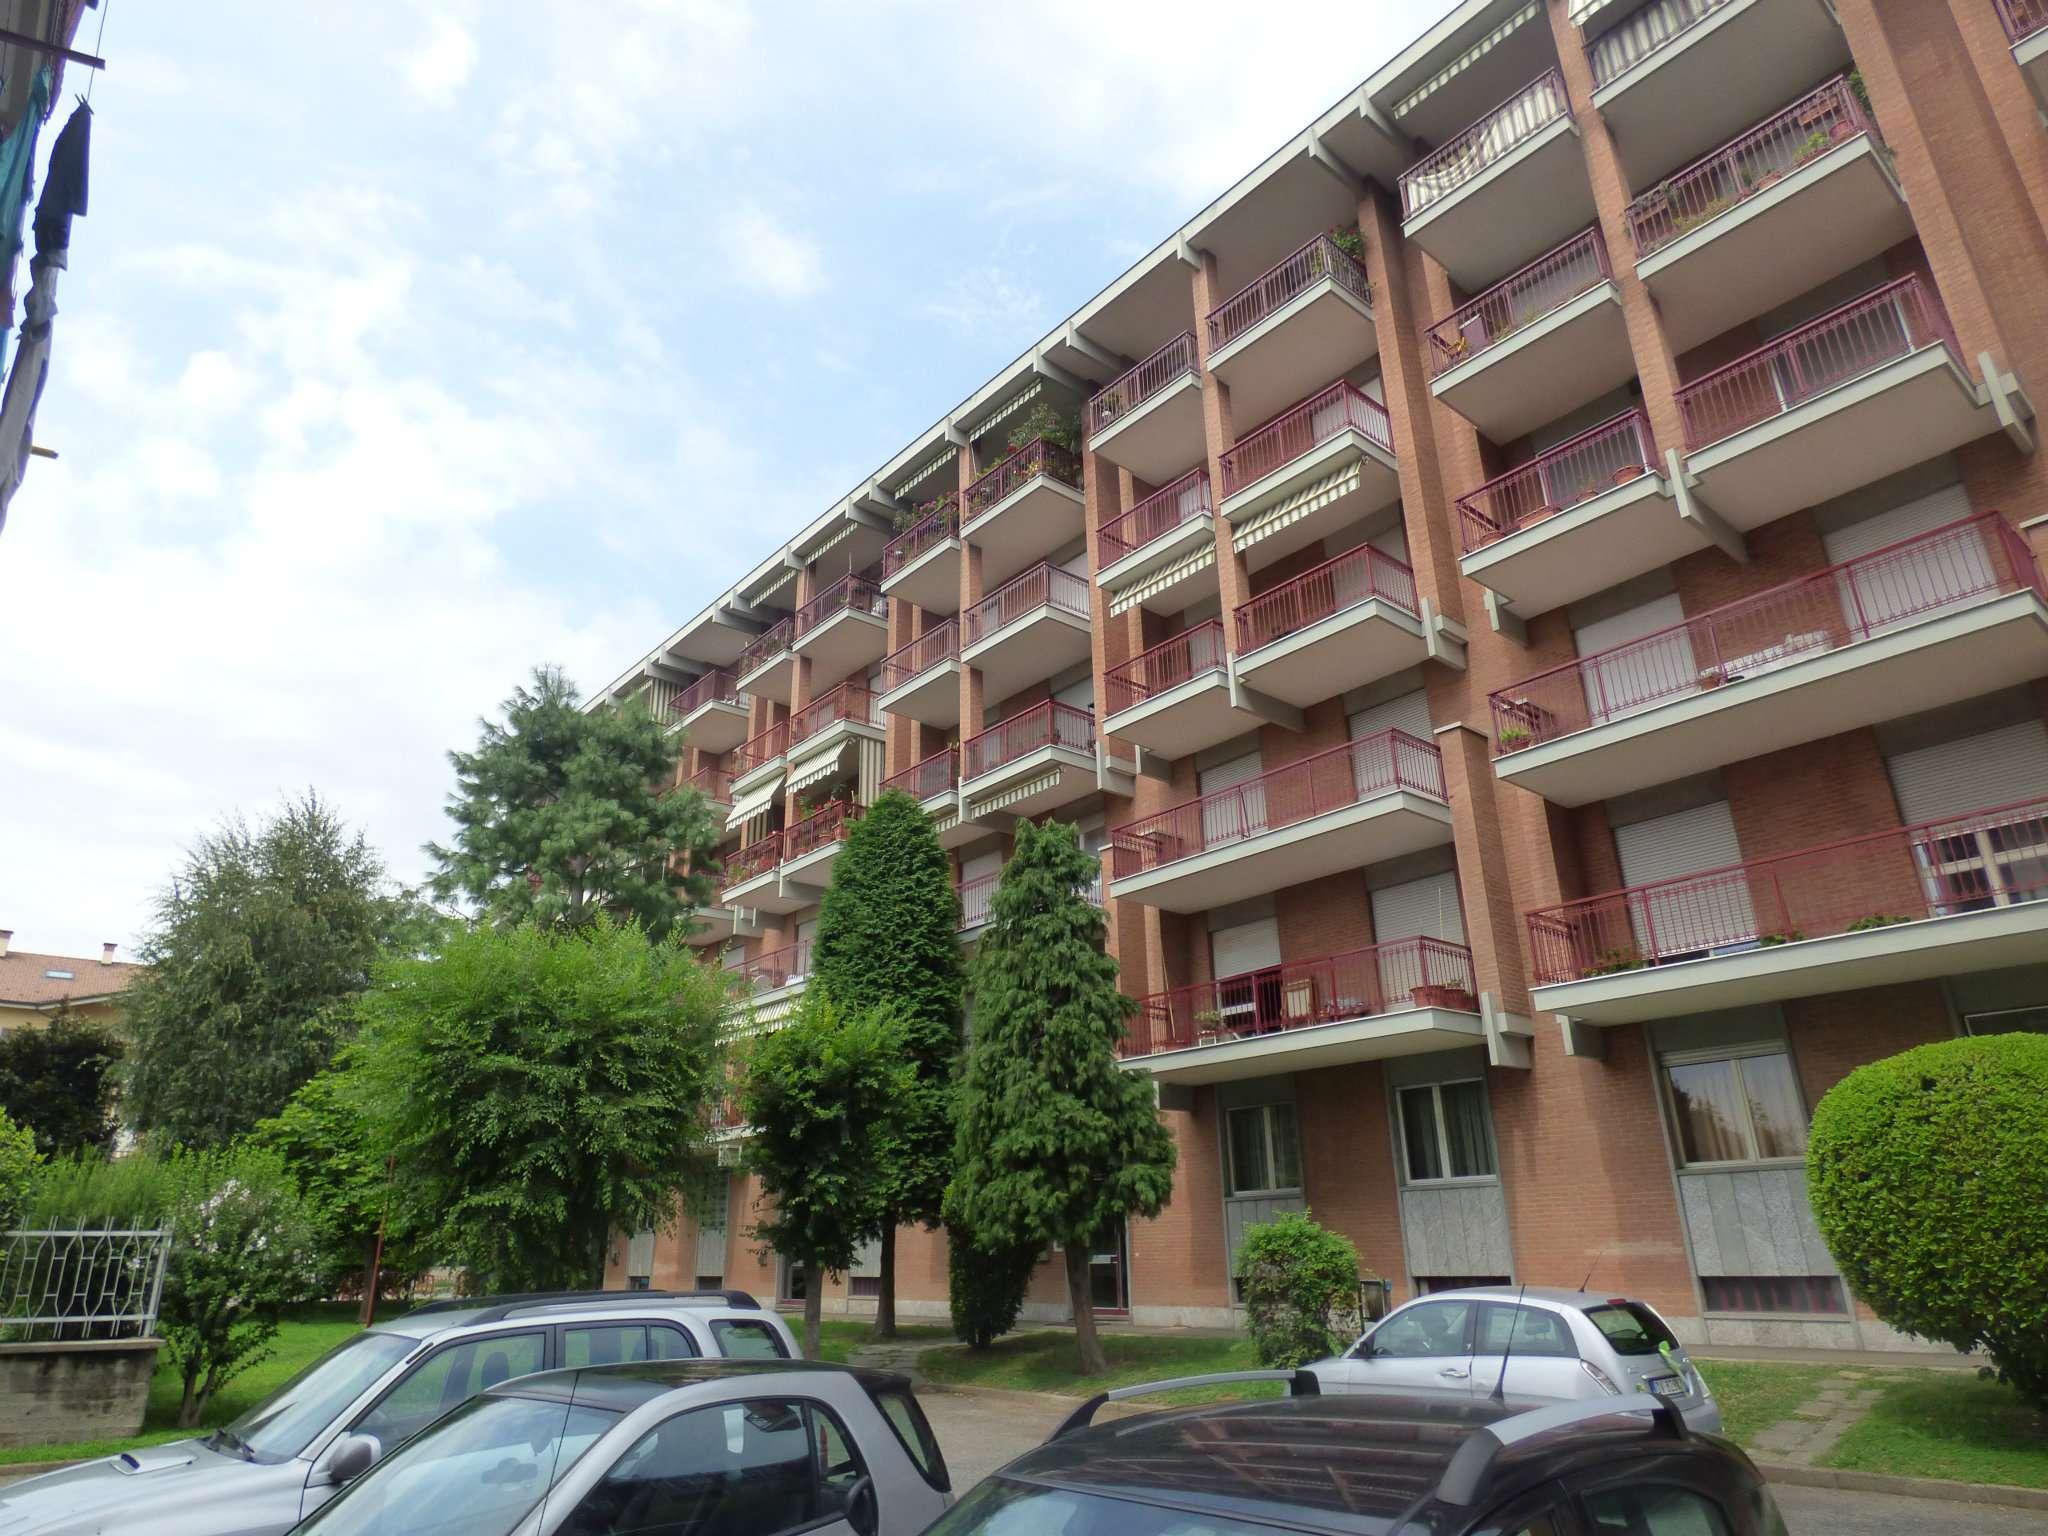 Appartamento in vendita a Borgaro Torinese, 2 locali, prezzo € 89.000 | CambioCasa.it